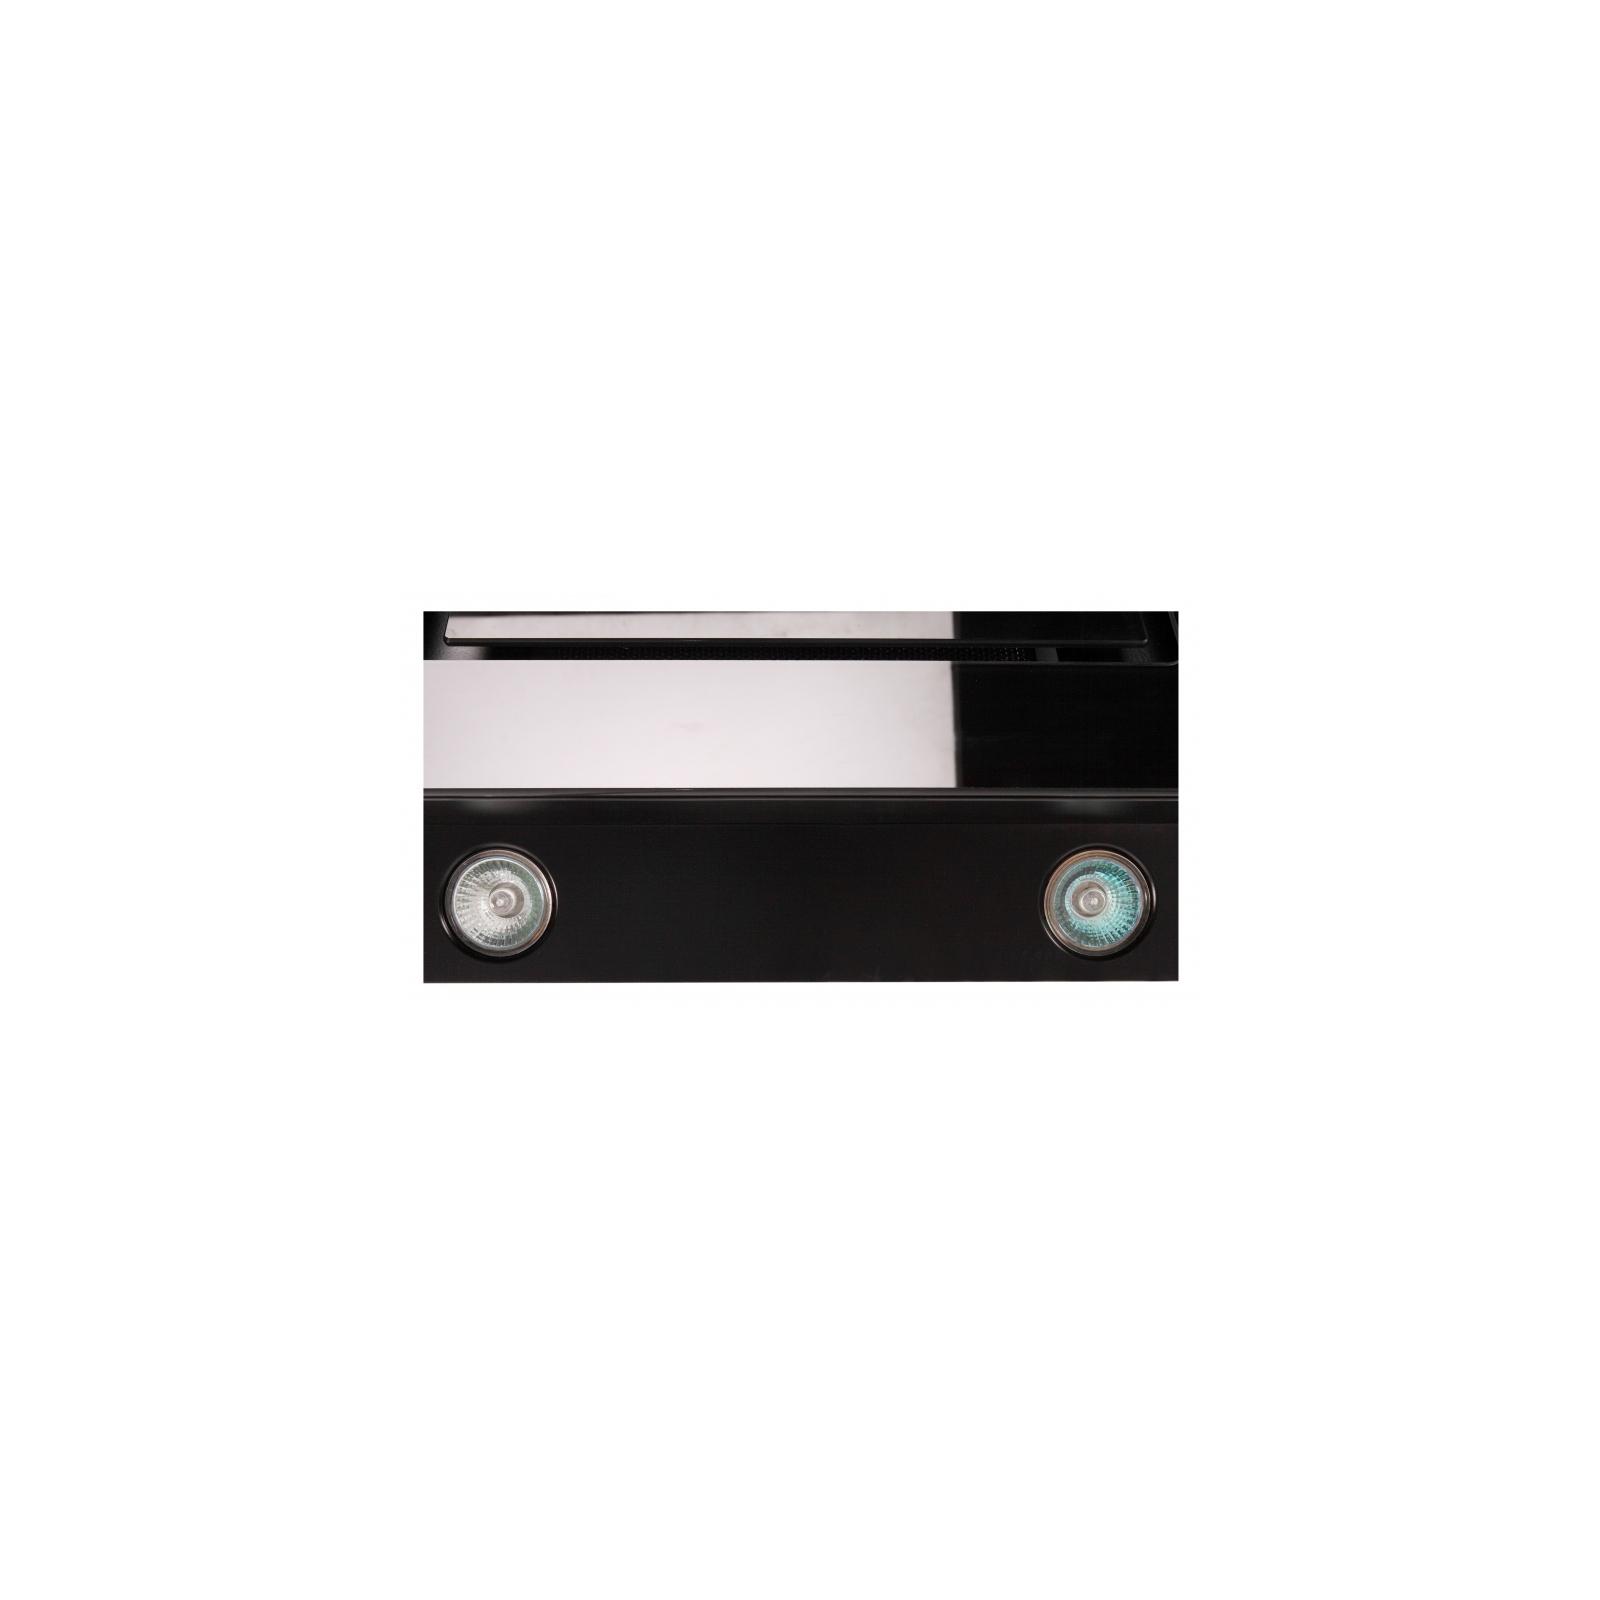 Вытяжка кухонная Eleyus Venera A 750 60 BG изображение 5